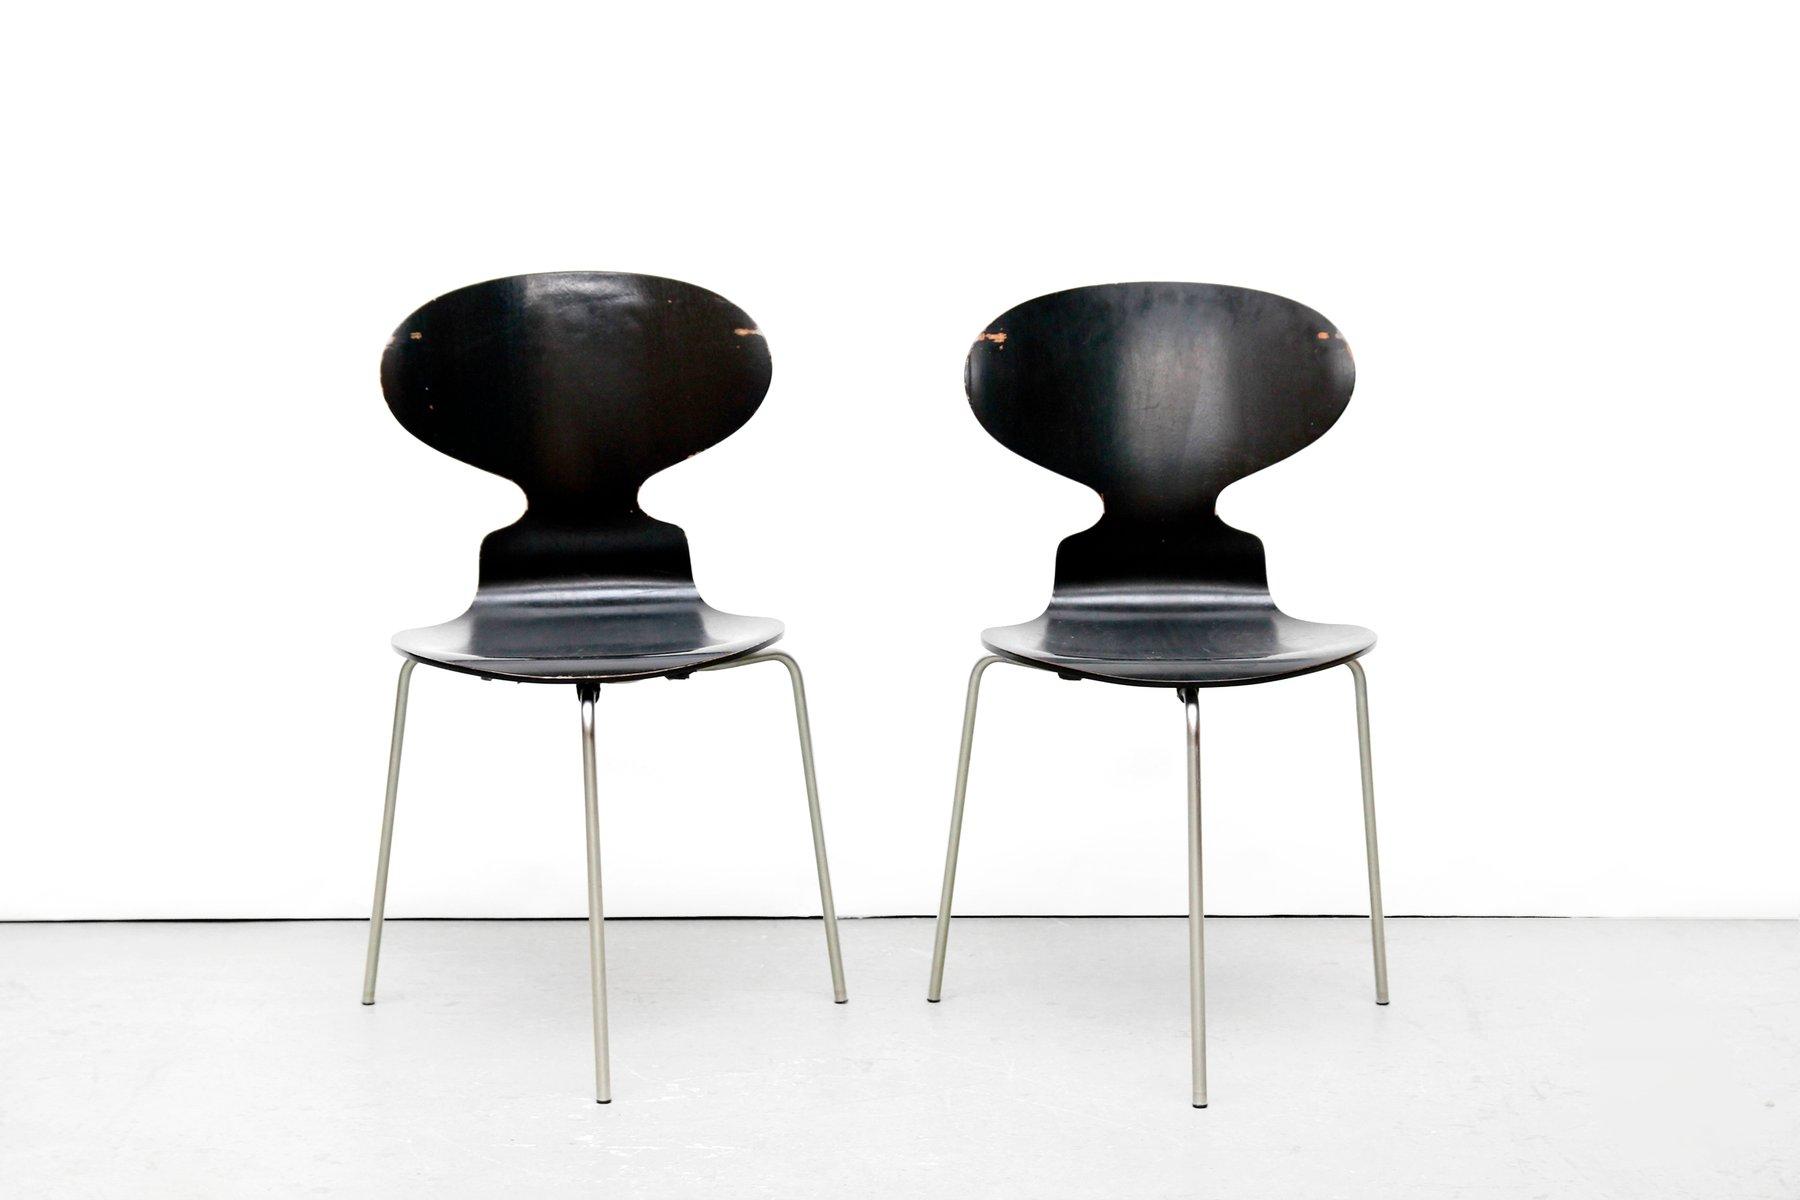 modell fh 3100 ant st hle von arne jacobsen f r fritz. Black Bedroom Furniture Sets. Home Design Ideas